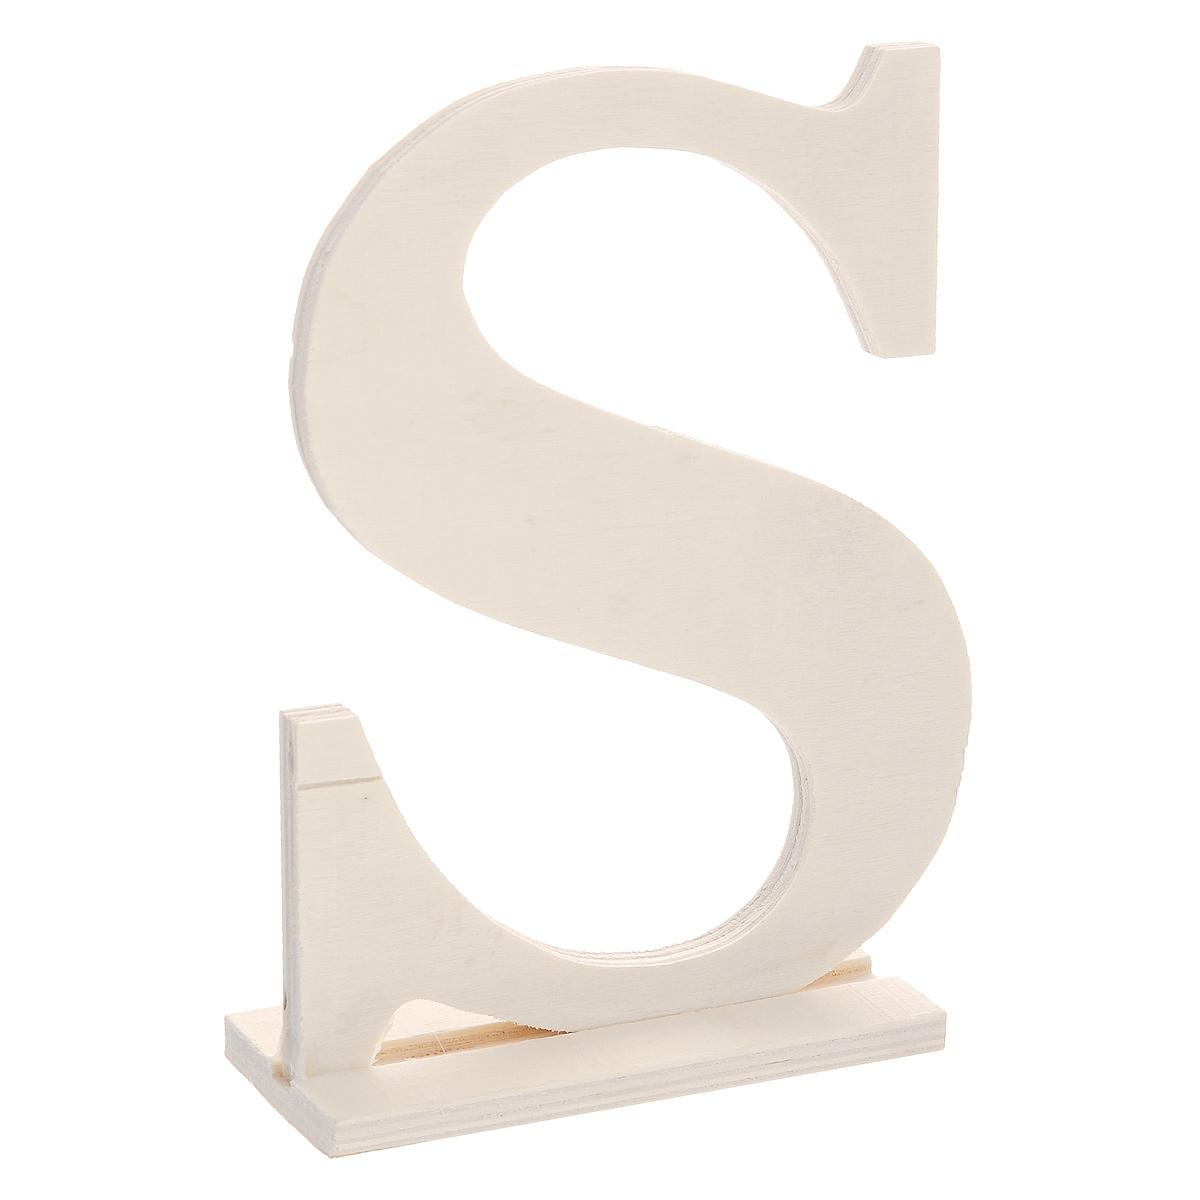 Заготовка для декупажа ScrapBerrys Буква S 10 x 4 x 15 смSCB350223Заготовка ScrapBerrys Буква S изготовлена из фанеры и предназначена для занятий декупажом. Она является хорошим объектом для творчества и прекрасным подарком для юных художников, так как материал фанера хорошо подходит для раскраски красками, отделки бисером или другими утварями художников. Декупаж - техника декорирования различных предметов, основанная на присоединении рисунка, картины или орнамента (обычного вырезанного) к предмету, и, далее, покрытии полученной композиции лаком ради эффектности, сохранности и долговечности.